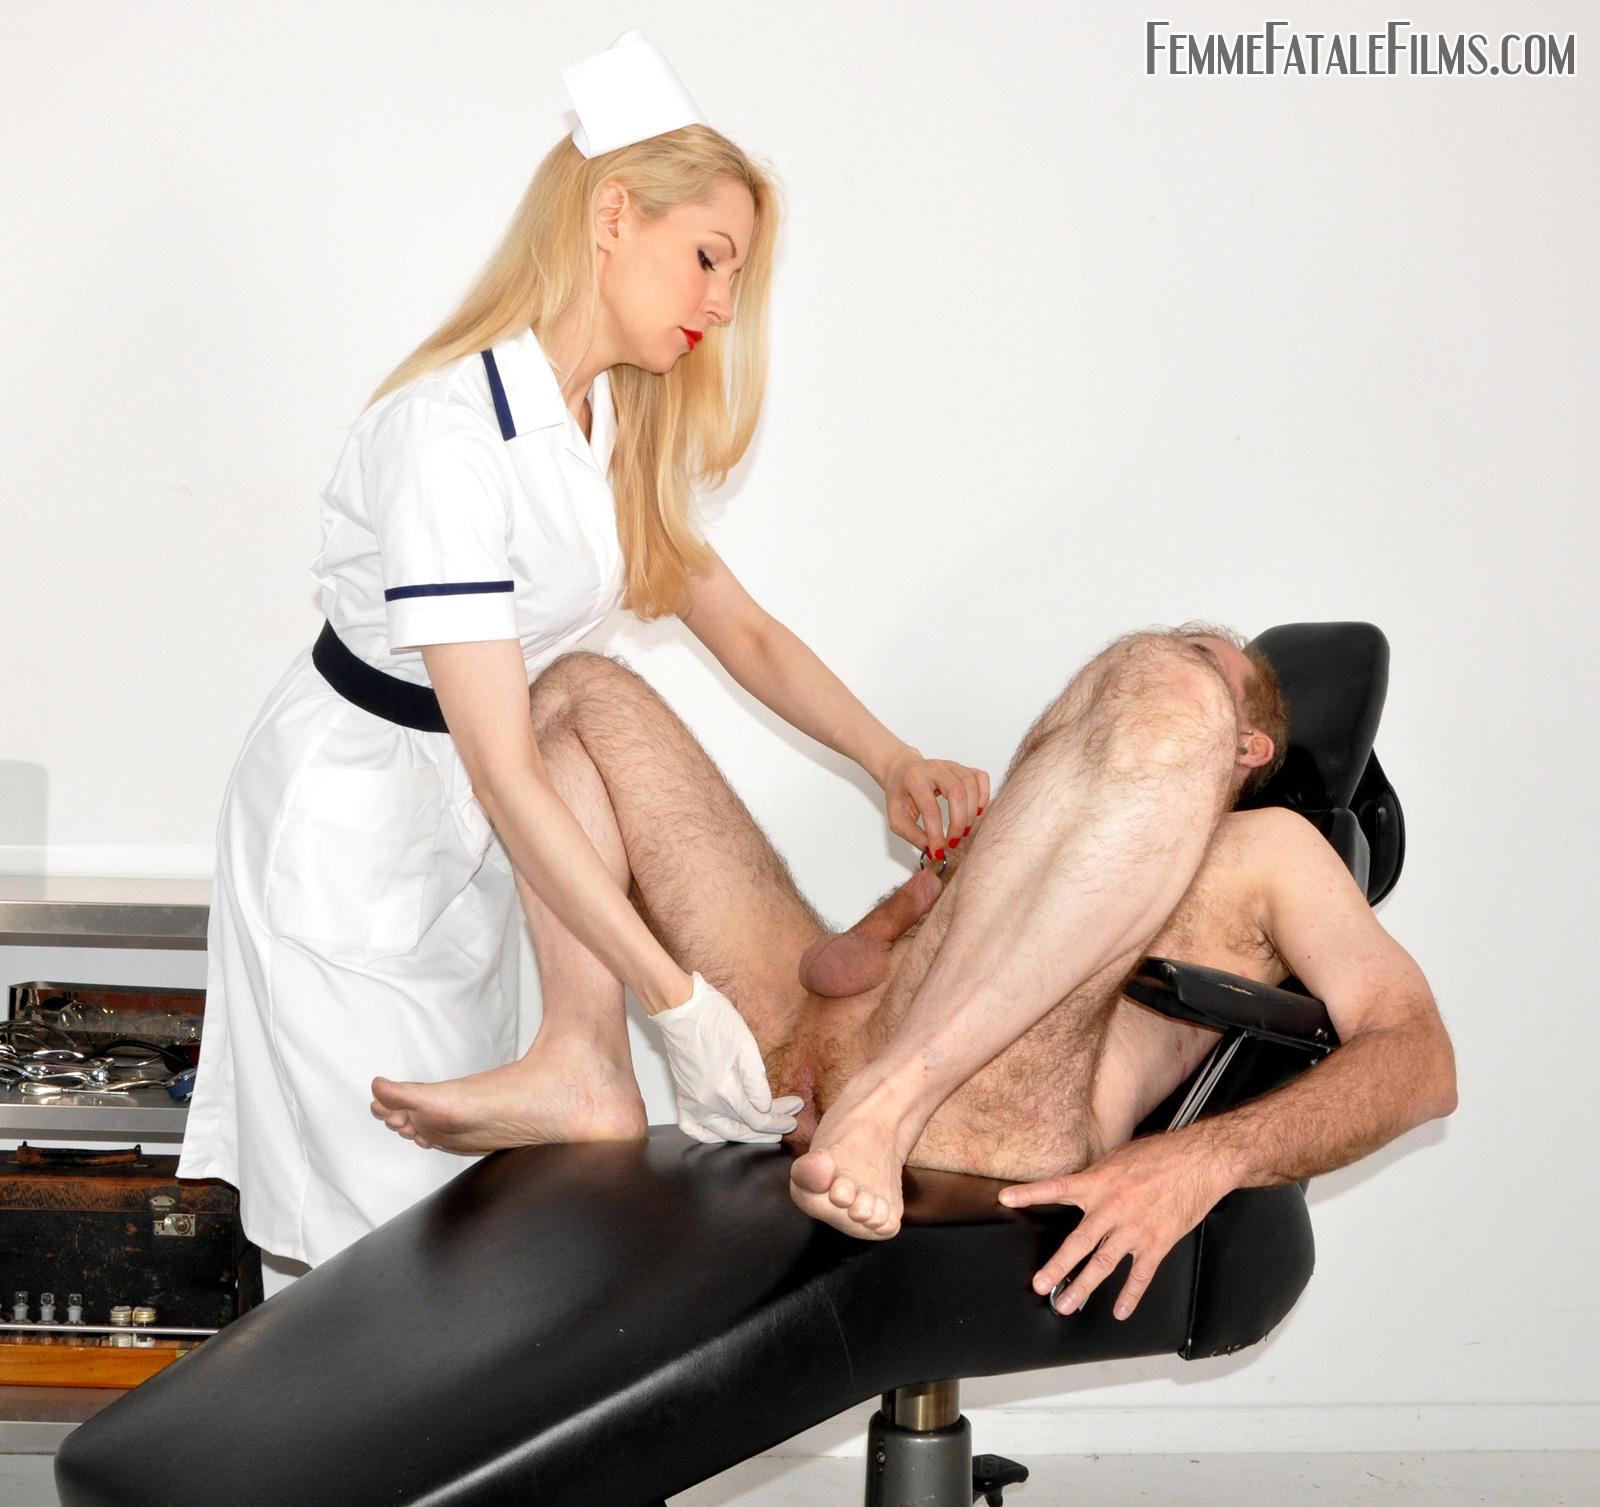 Порно ролики урологический массаж, порно на русском трансы групповуха